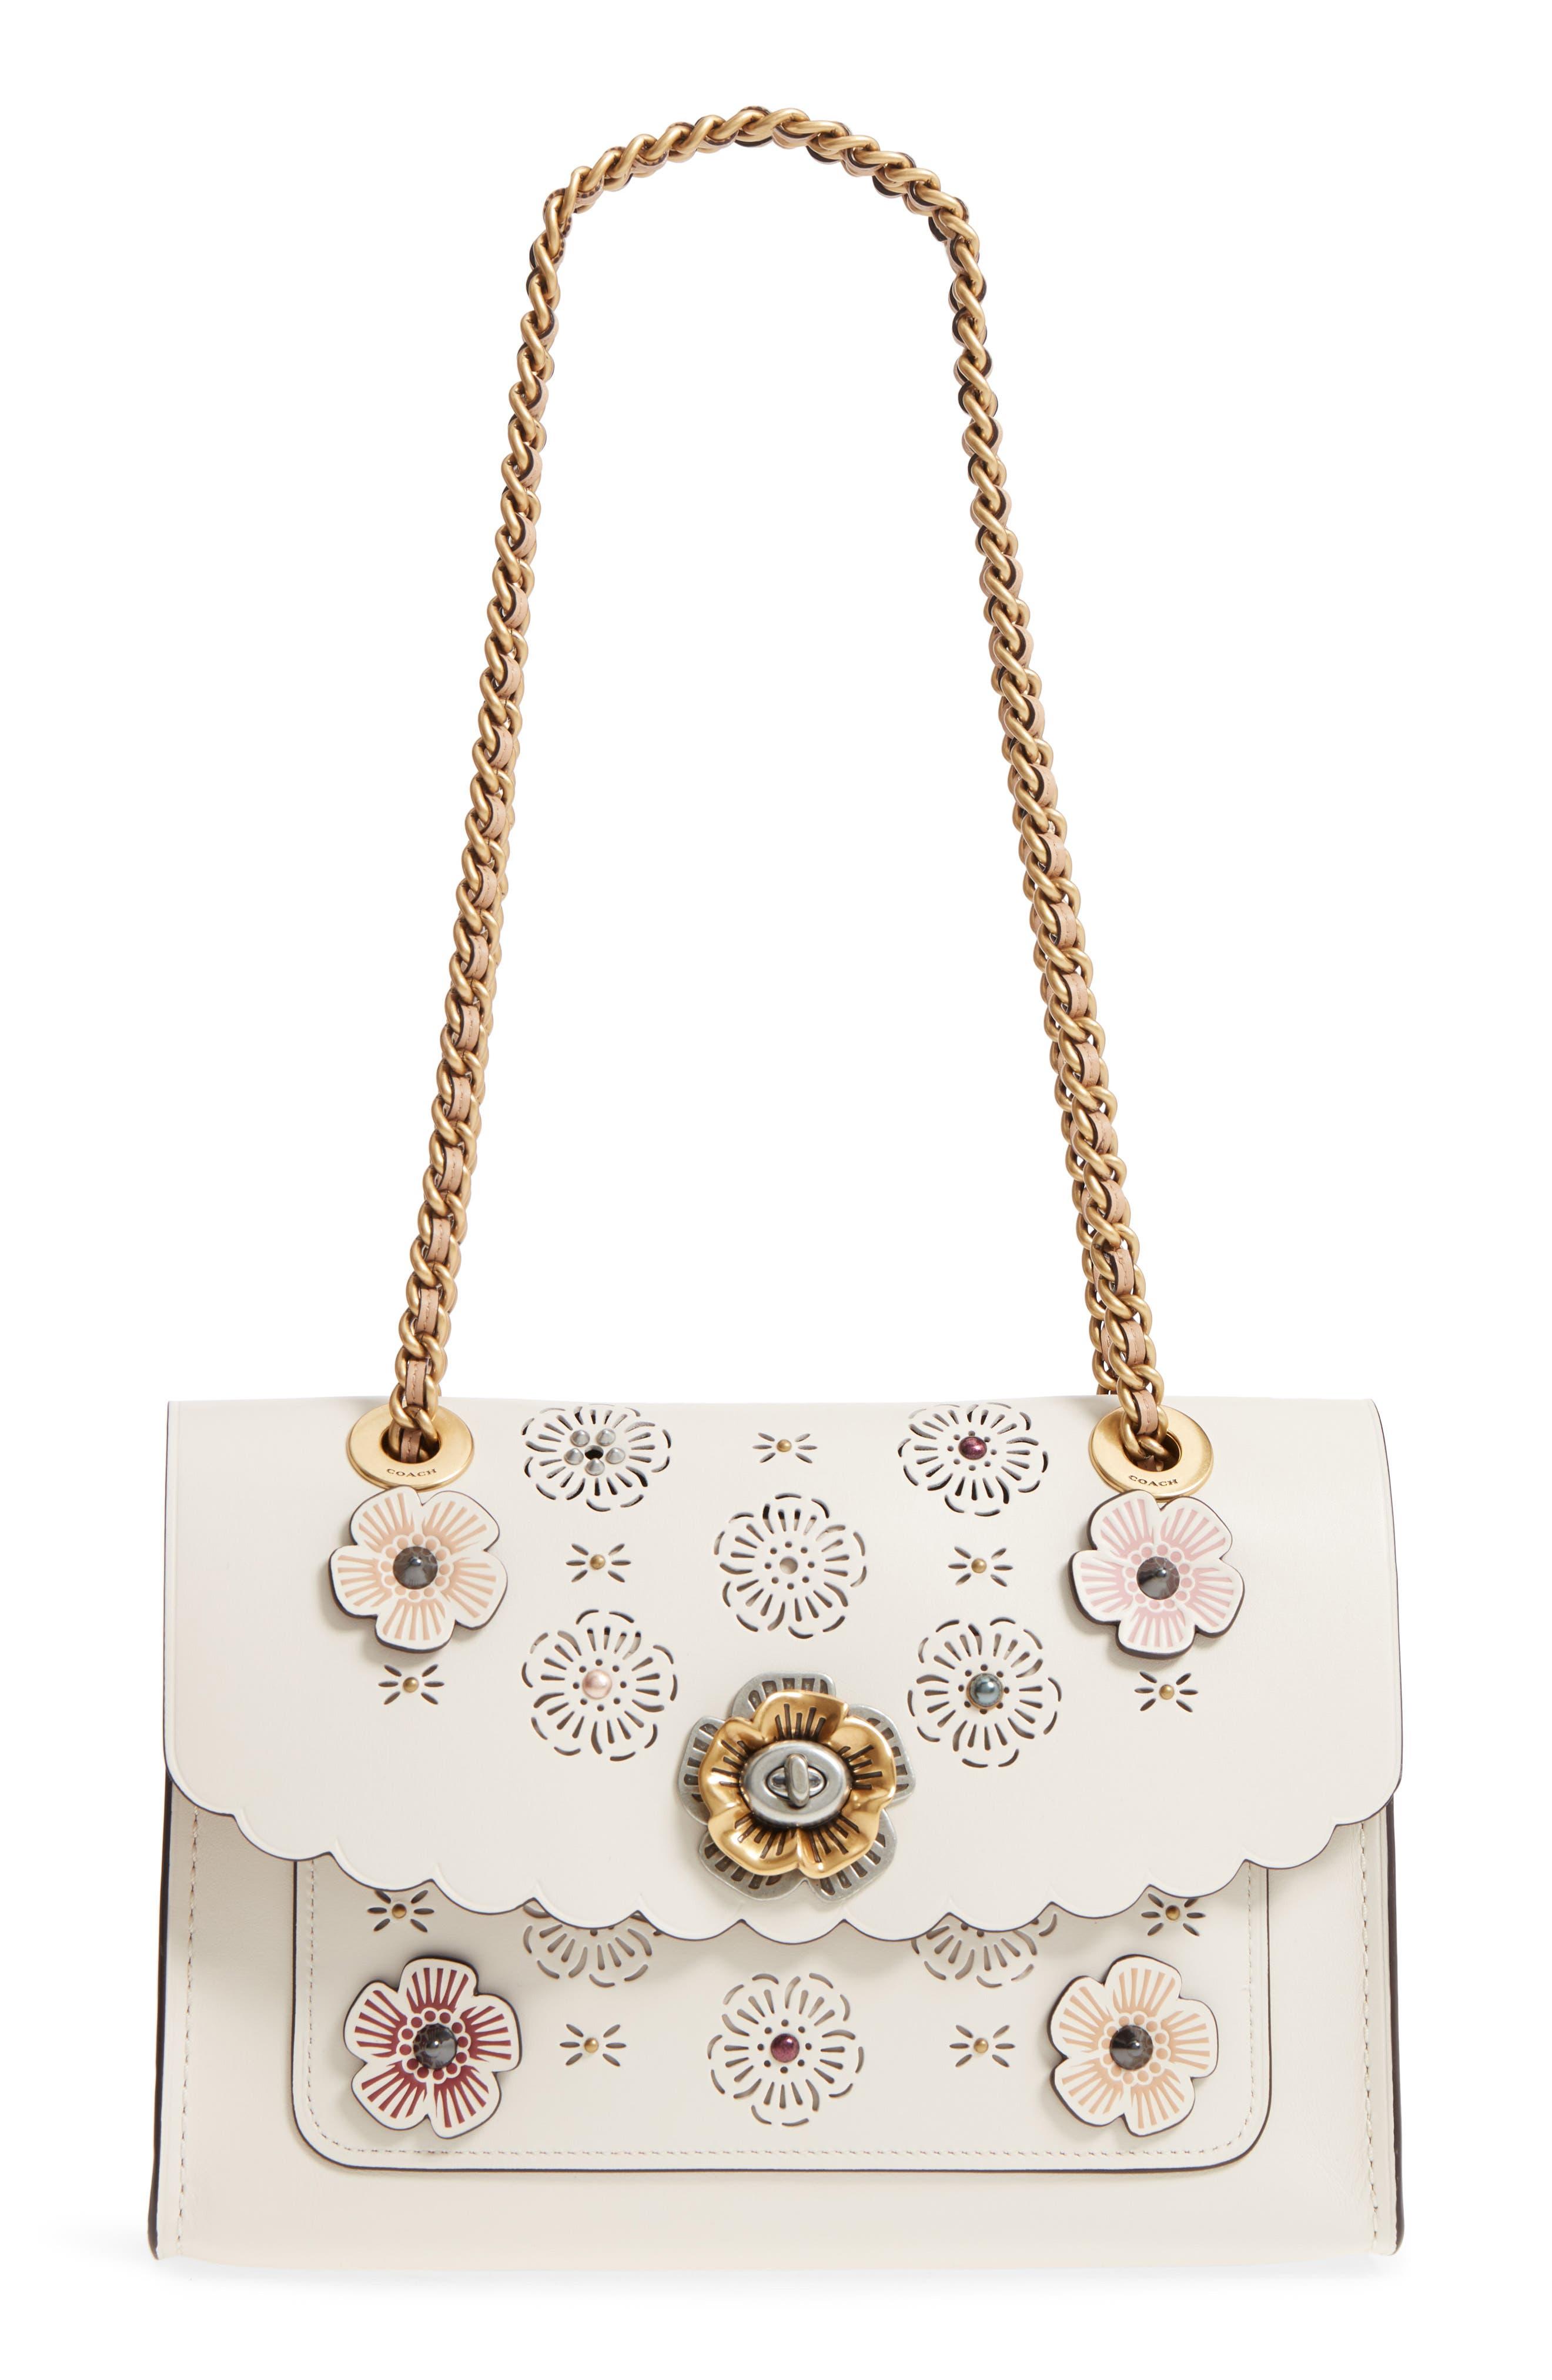 Parker Floral Embellished Leather Shoulder Bag,                             Main thumbnail 1, color,                             Chalk Multi